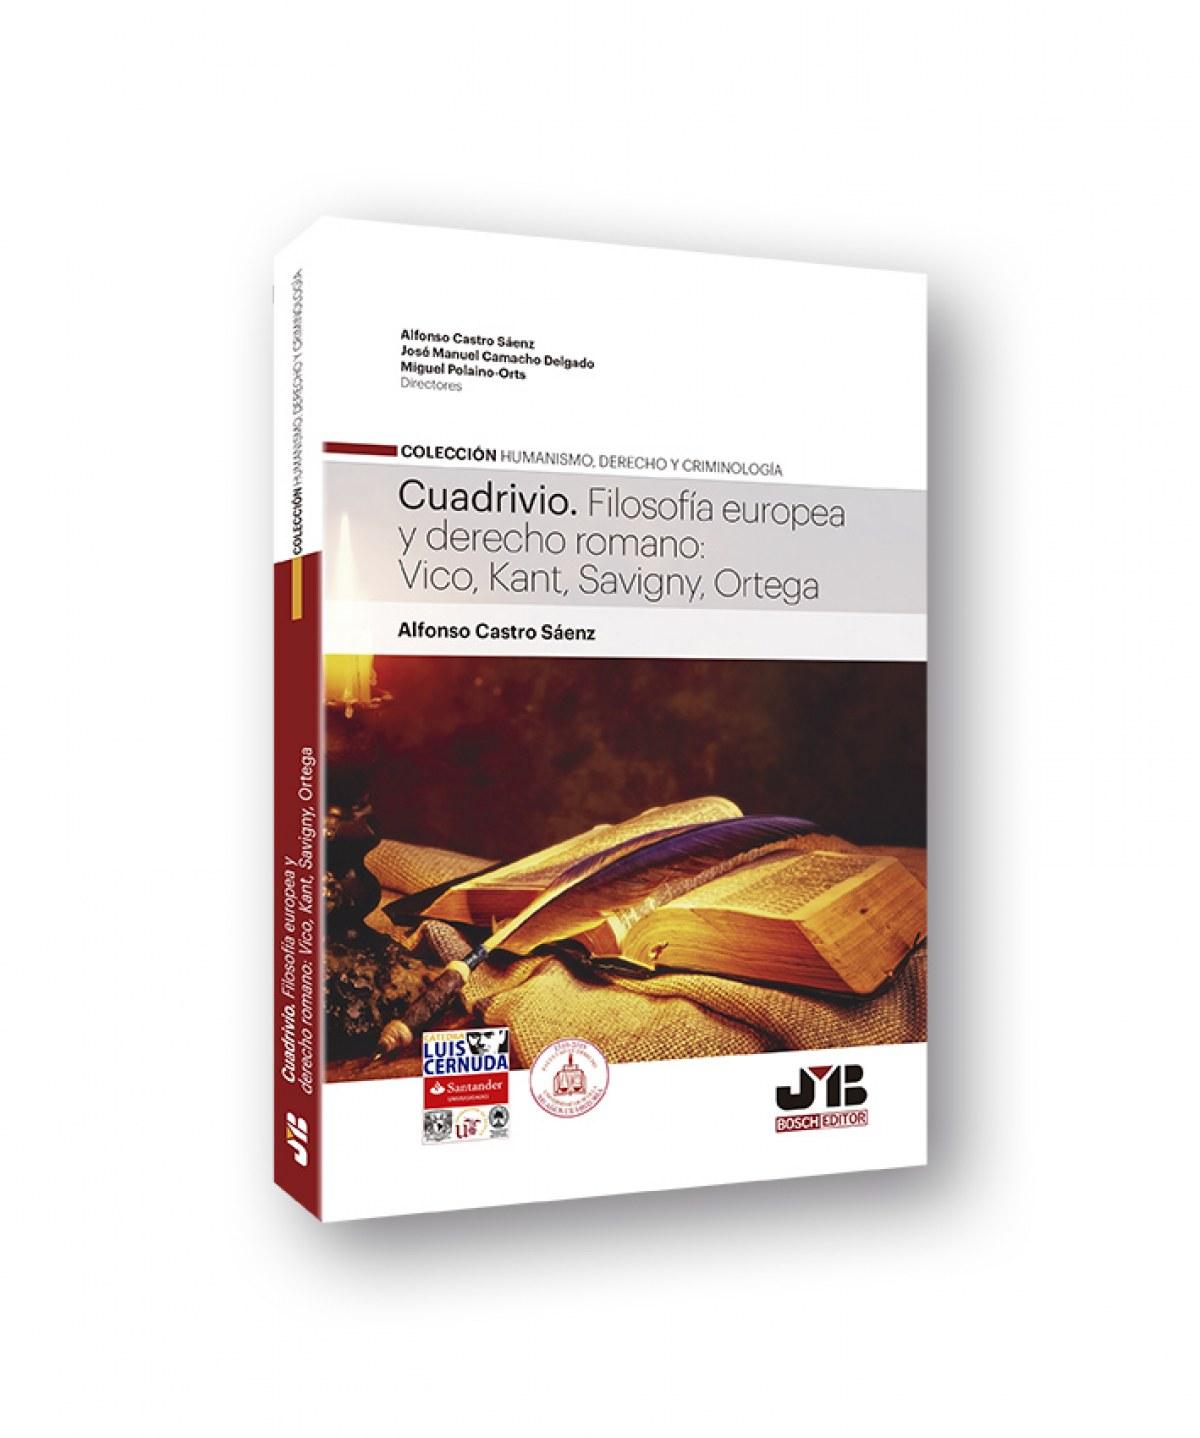 Cuadrivio. Filosofía europea y derecho romano: Vico, Kant, Savigny, Ortega